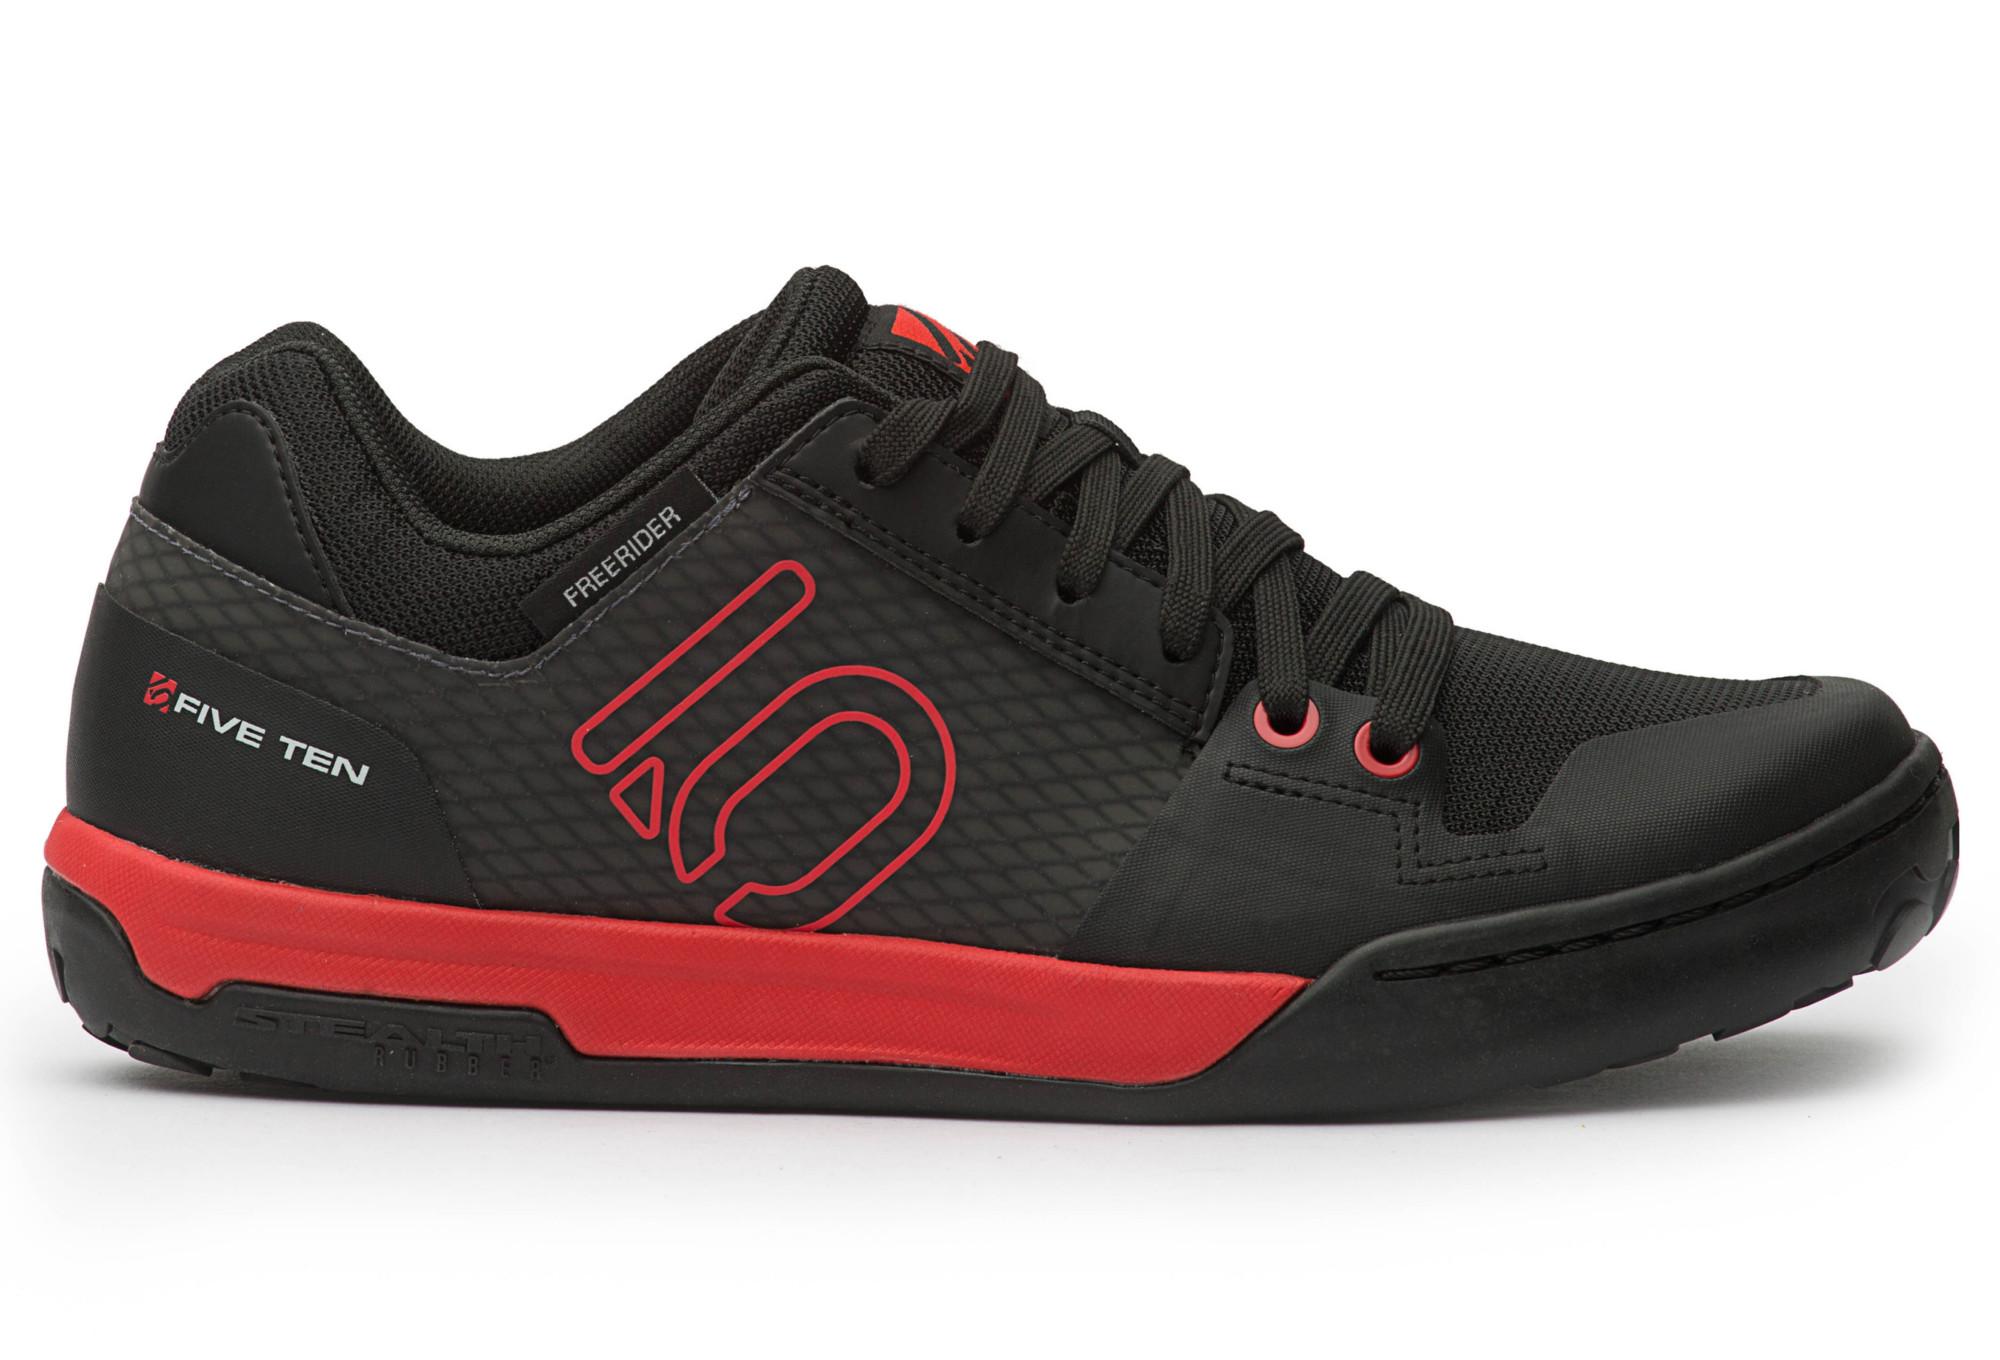 Chaussures Five Ten noires Kenneth Cole Shoes-Down The Hatch-Brown Comb Size 8 Us Saucony Girls Velocity Black 4 Us Chaussure Osiris Peril Noir-Blanc-Noir (Eu 44 / Us 10.5 2eQVW6